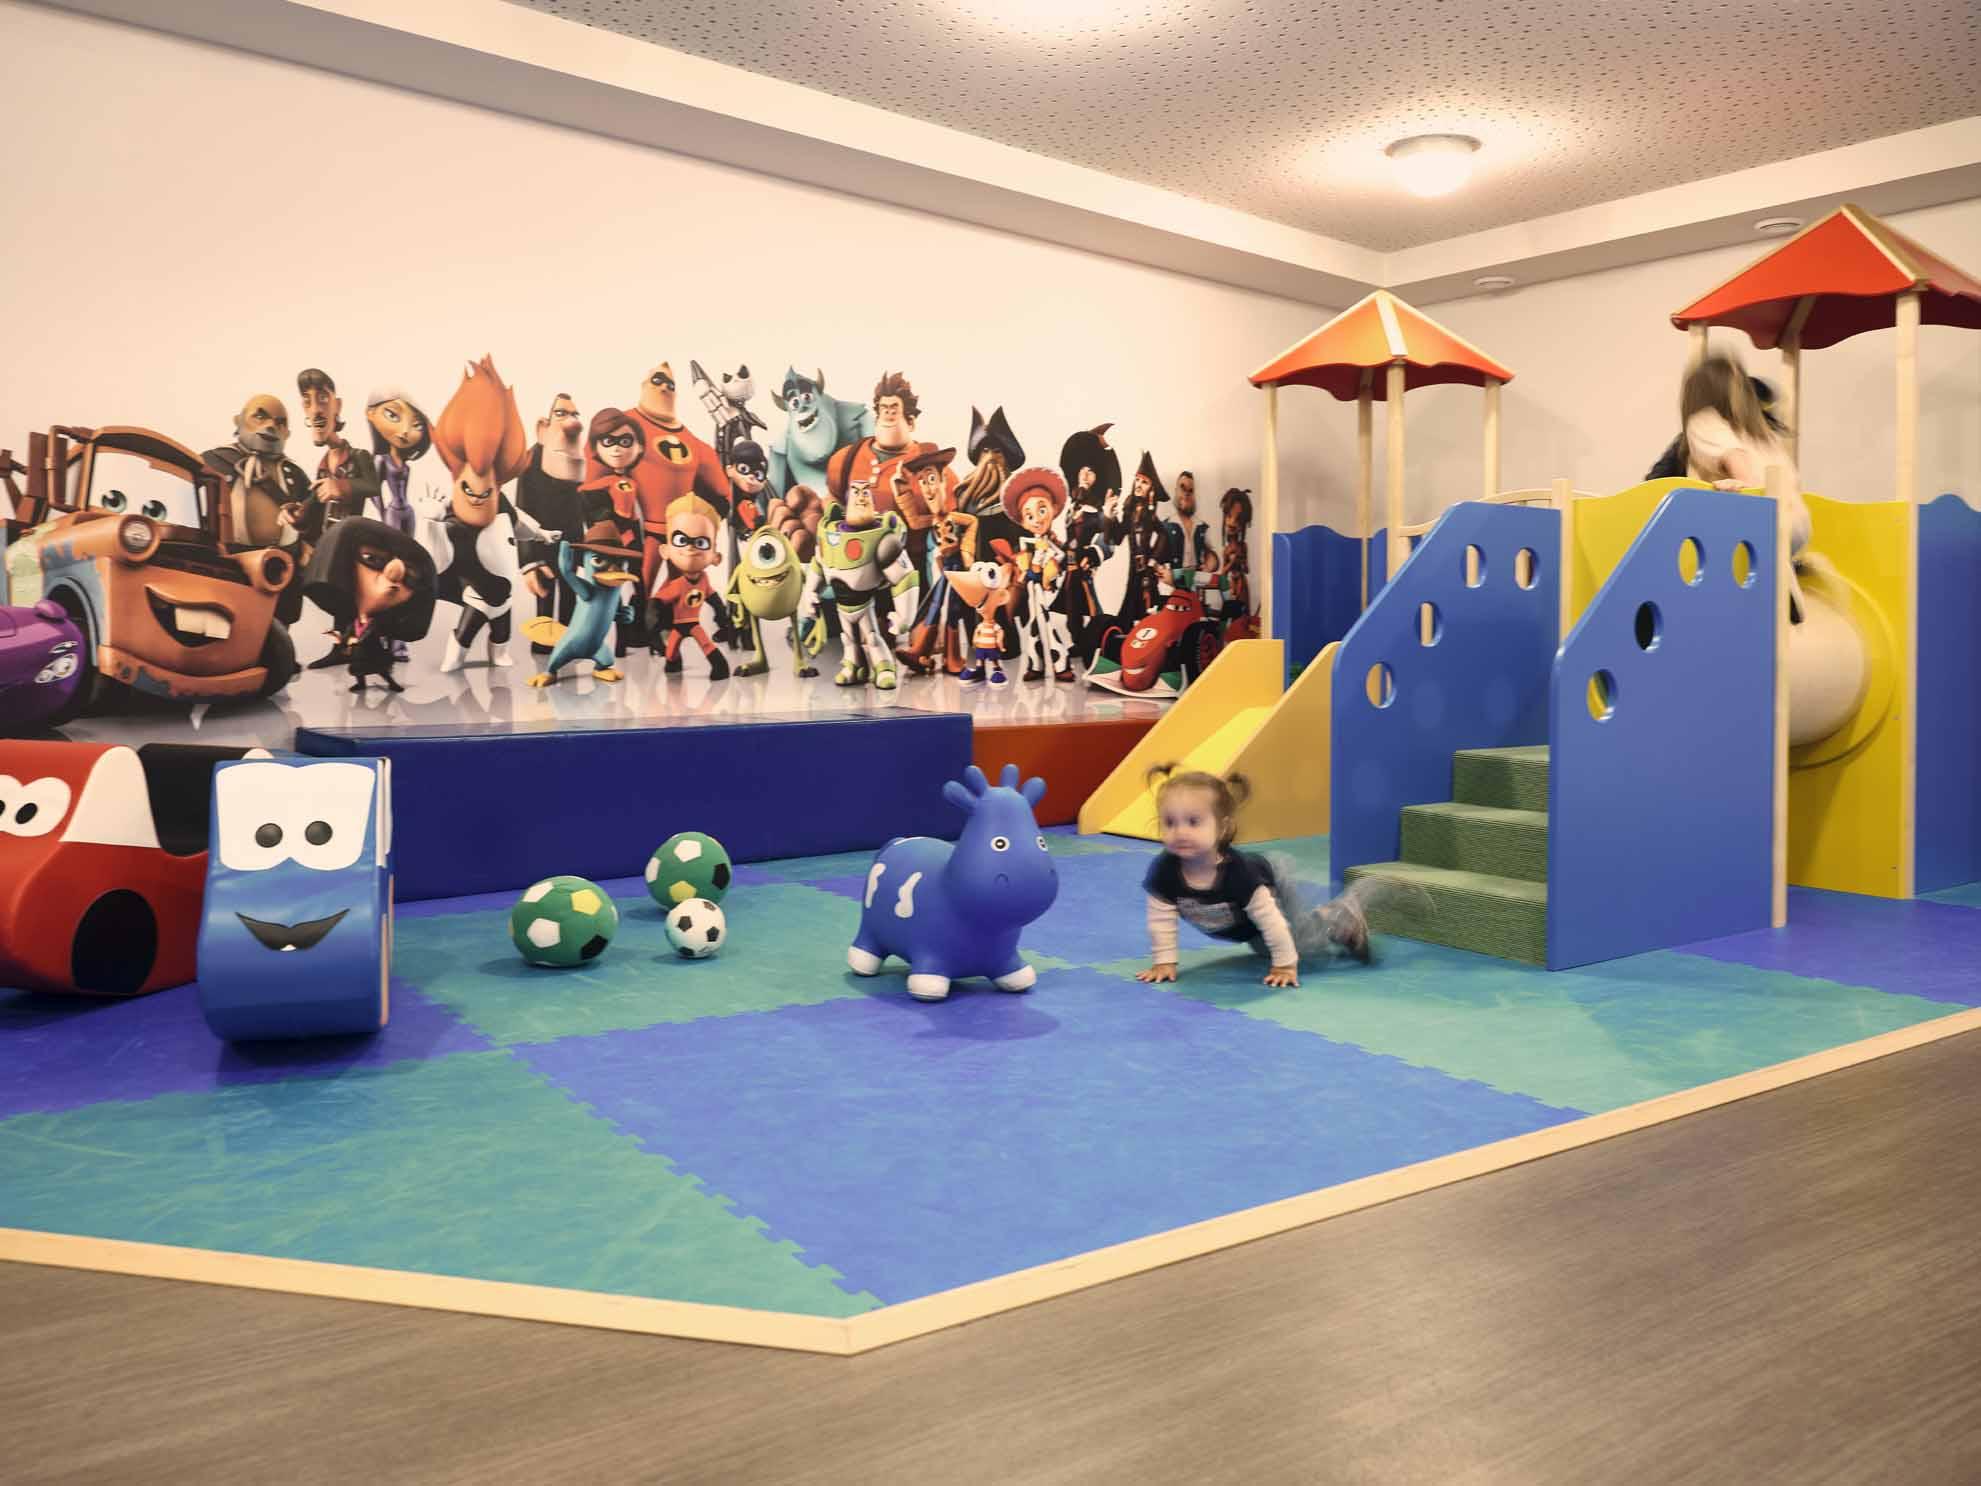 Ein Kind krabbelt am Boden in der Familien-Spielewelt